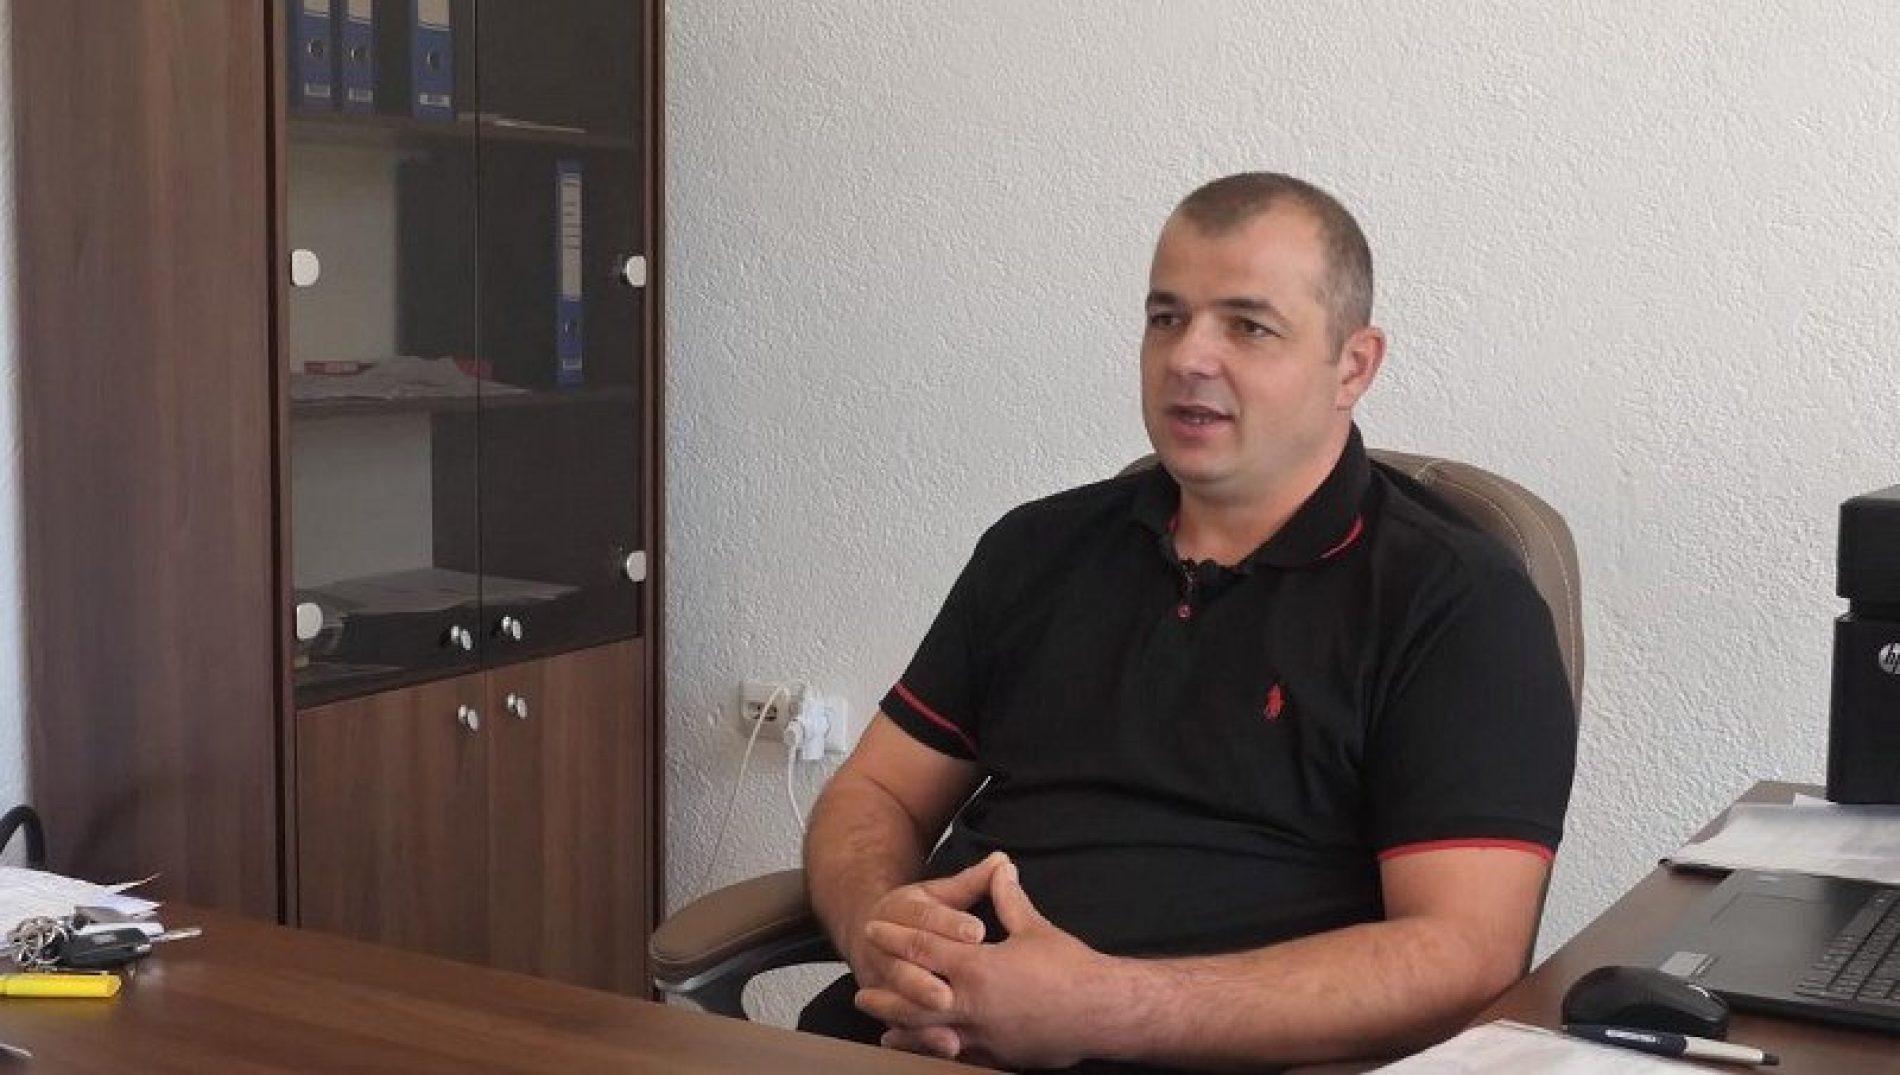 Vratio se iz Njemačke i otvorio firmu – tamo si uvijek stranac i nemaš slobodu (Video)